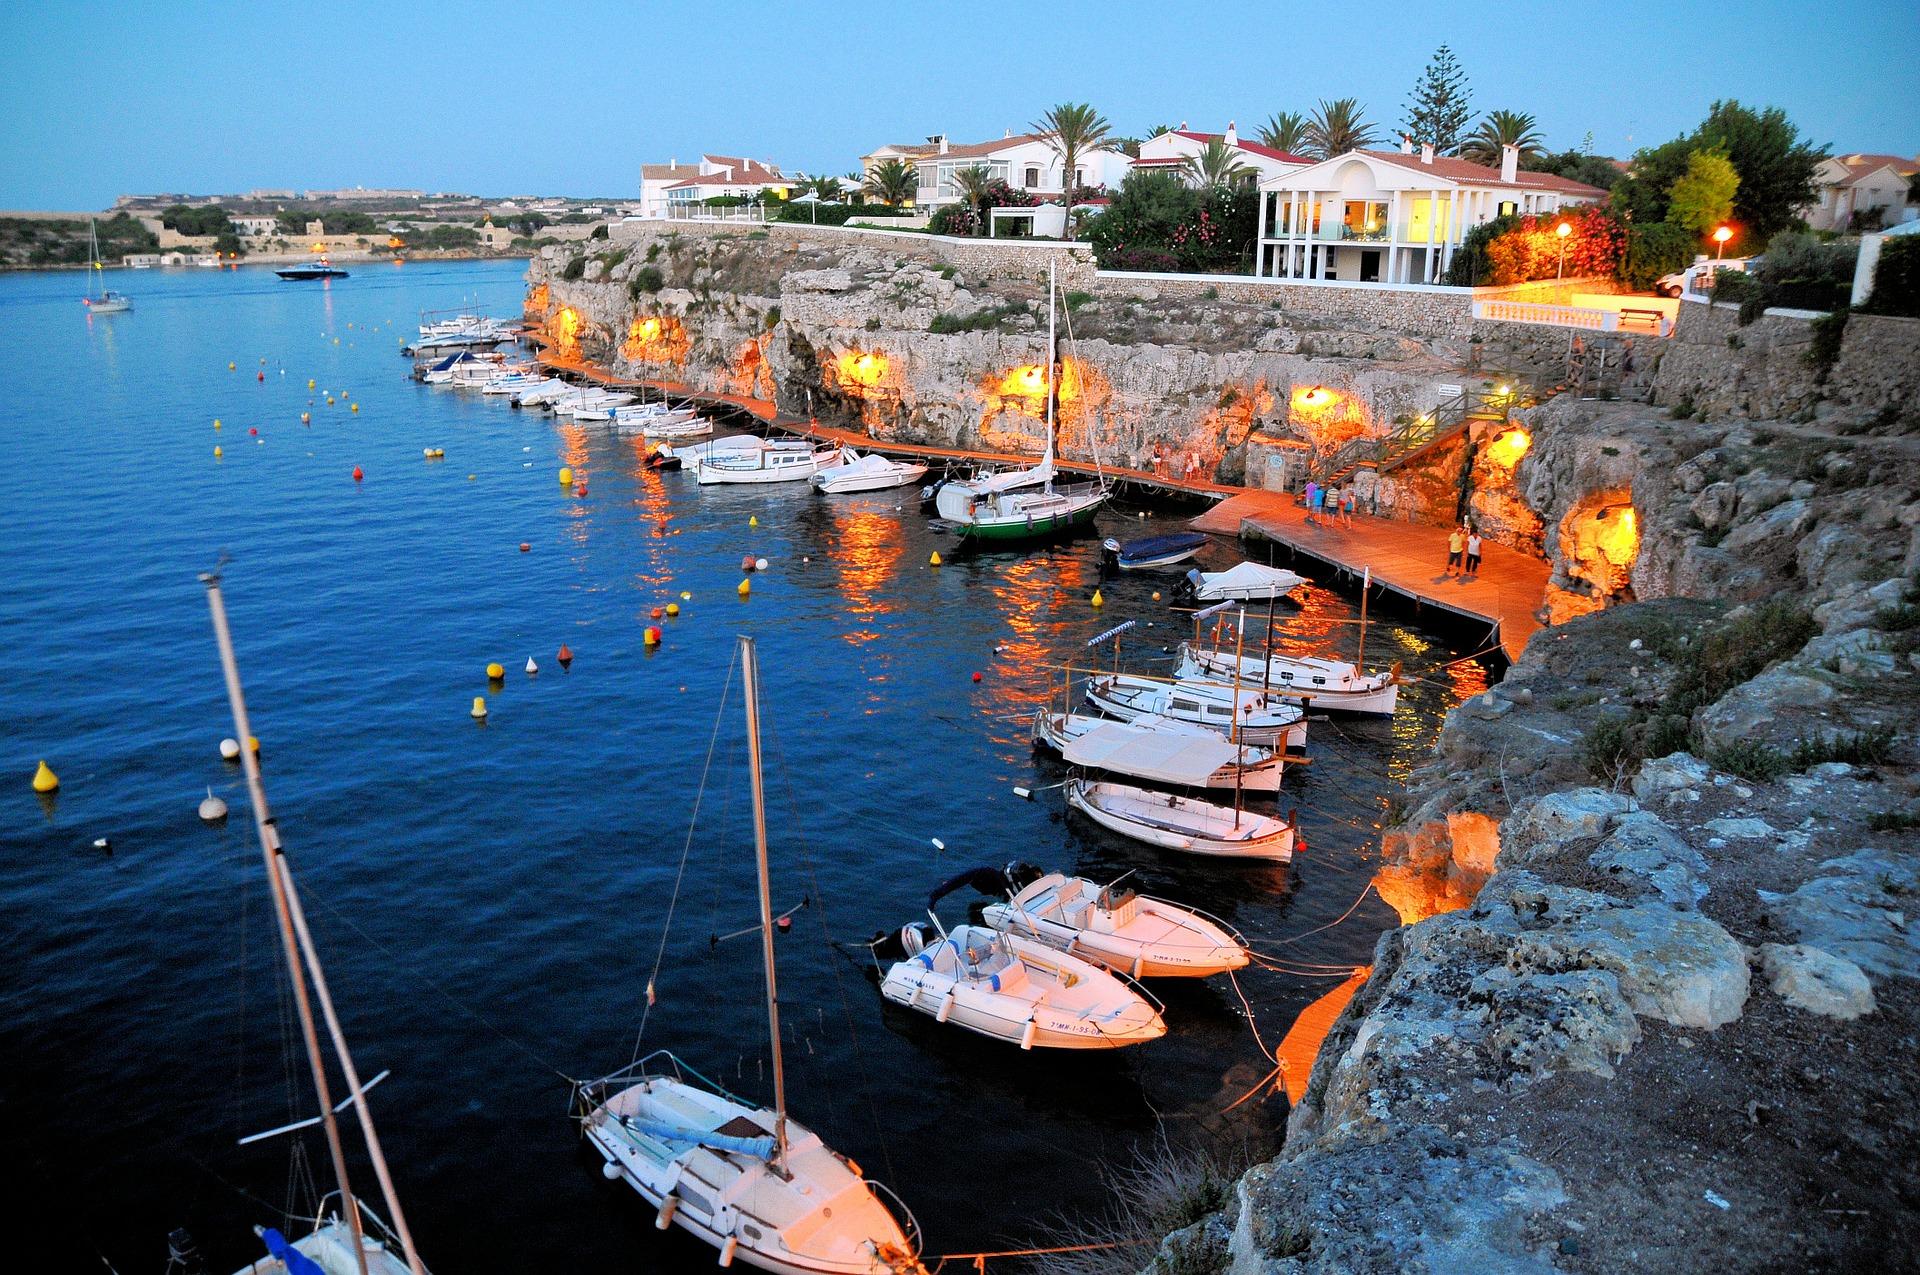 Autonoleggio Menorca